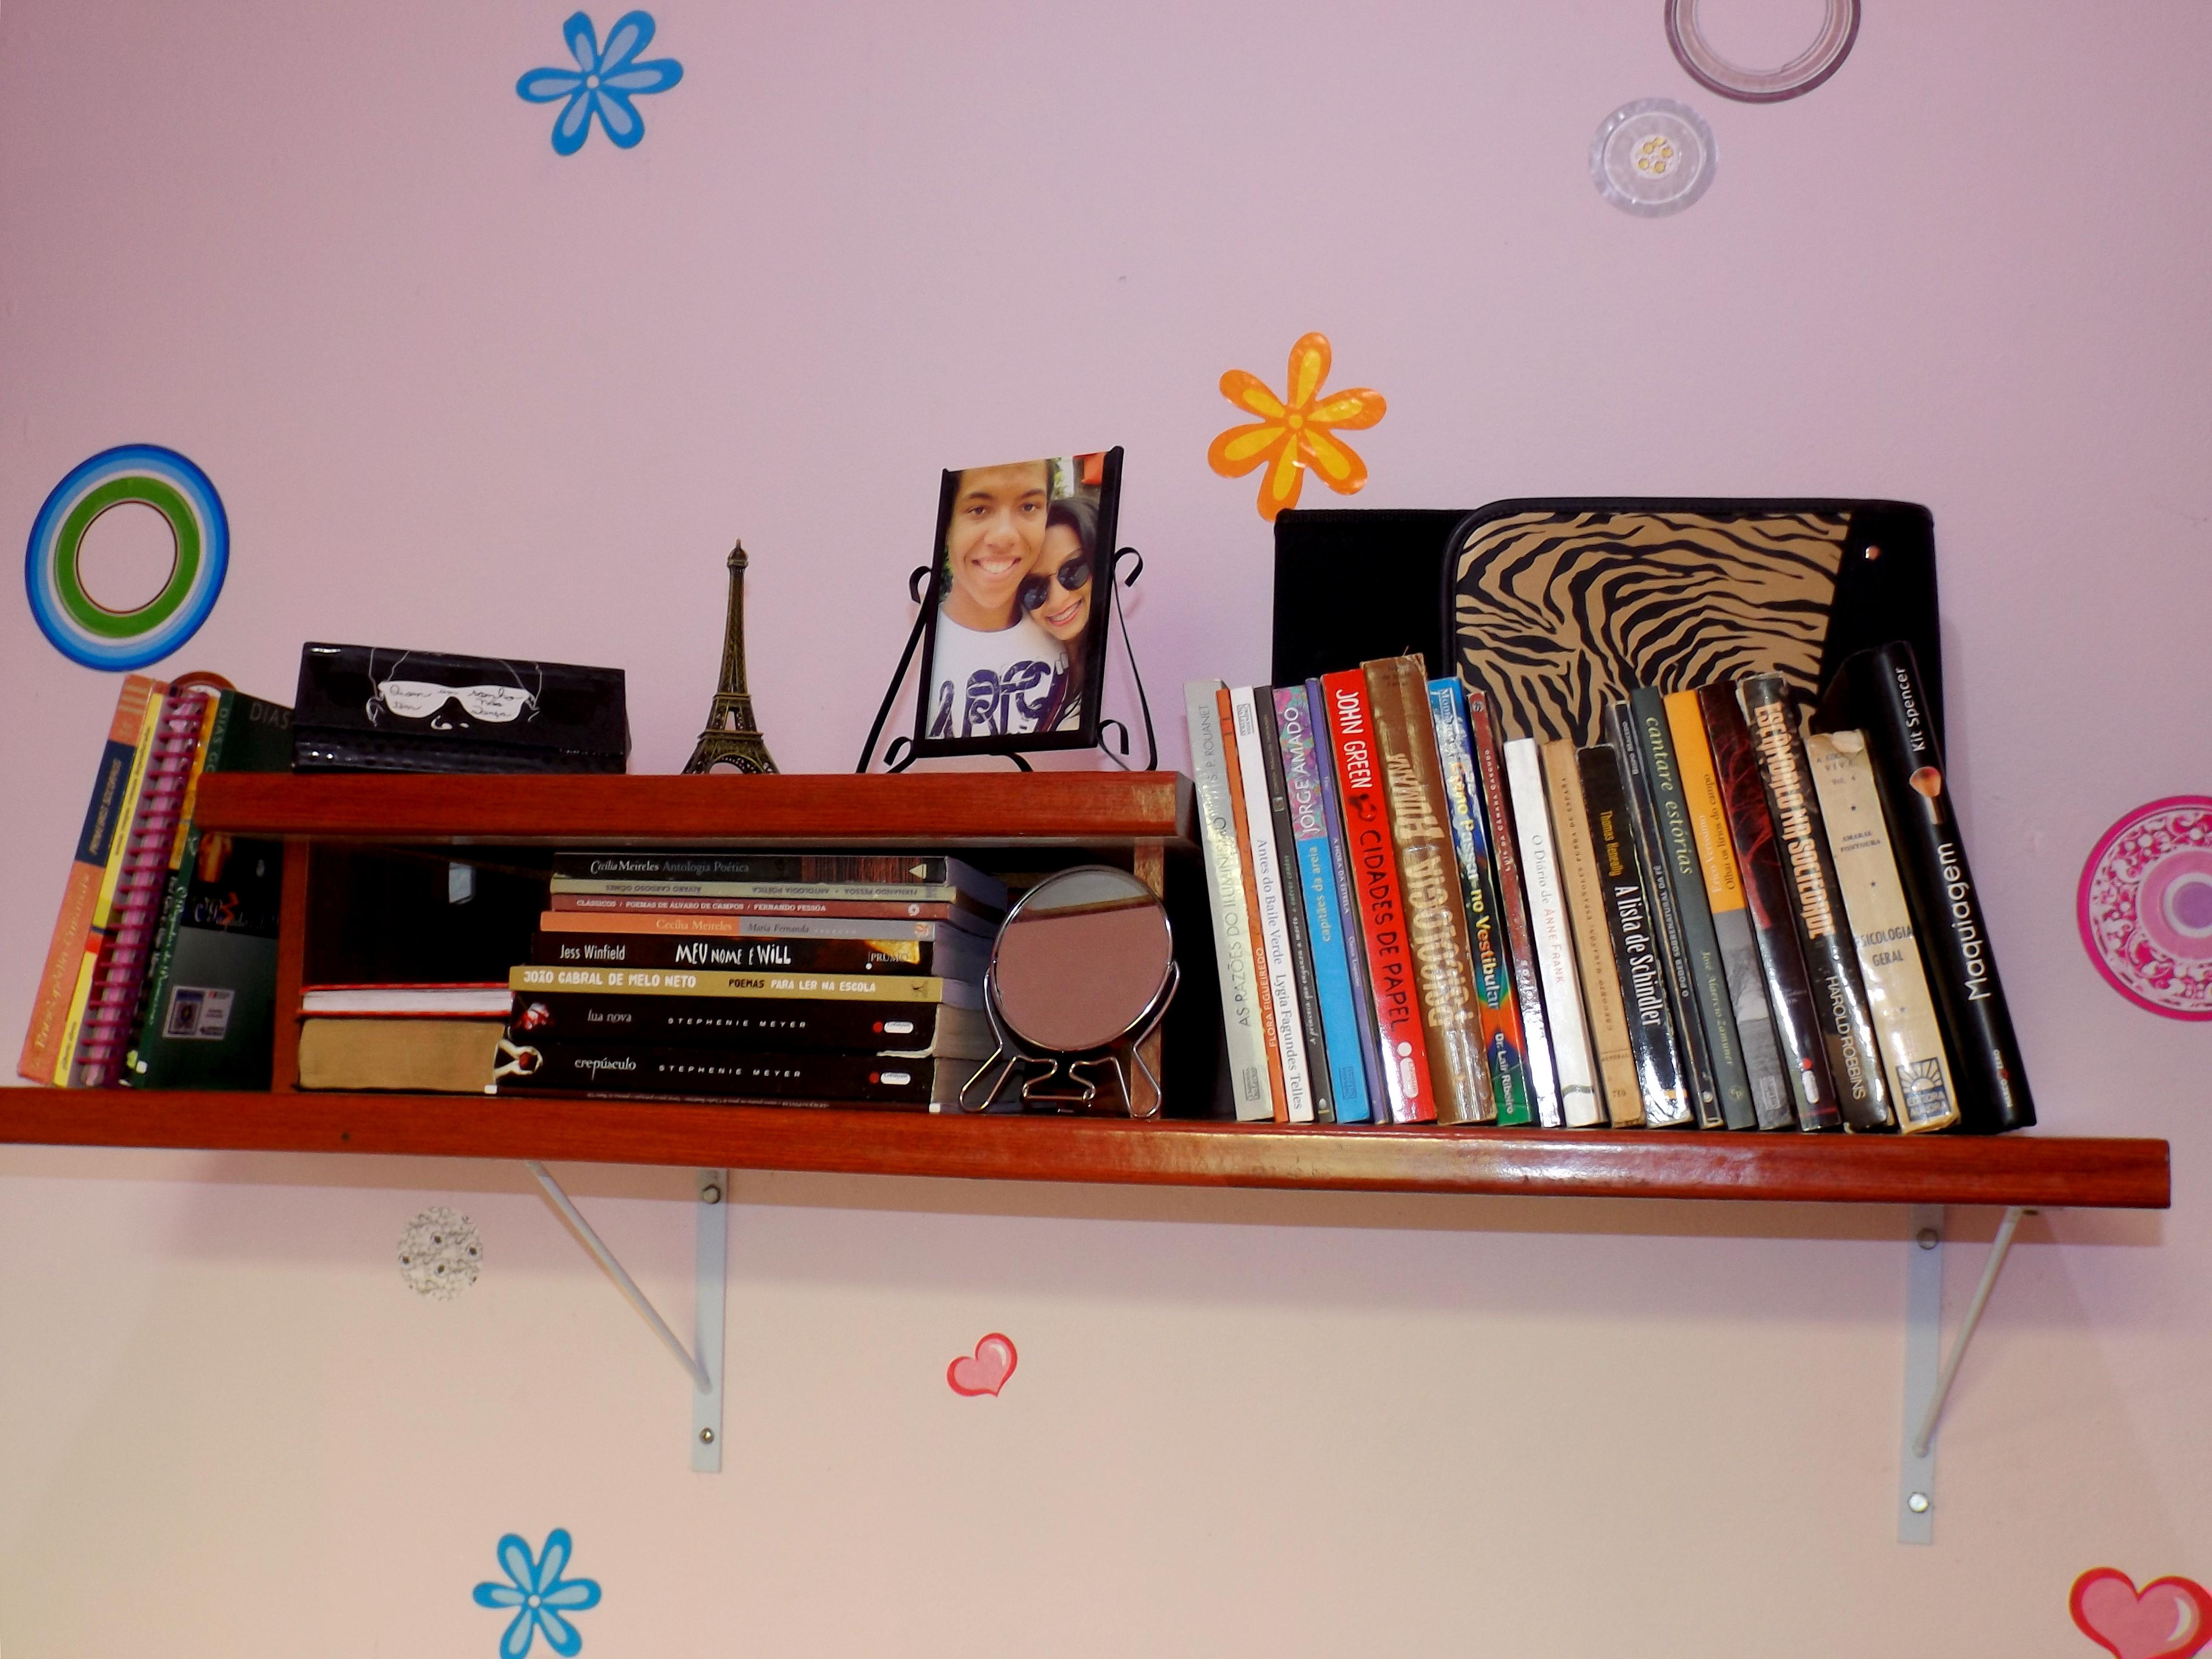 Transformando: Móvel velho/madeira em Estante nova de livros! #  #B32518 4608x3456